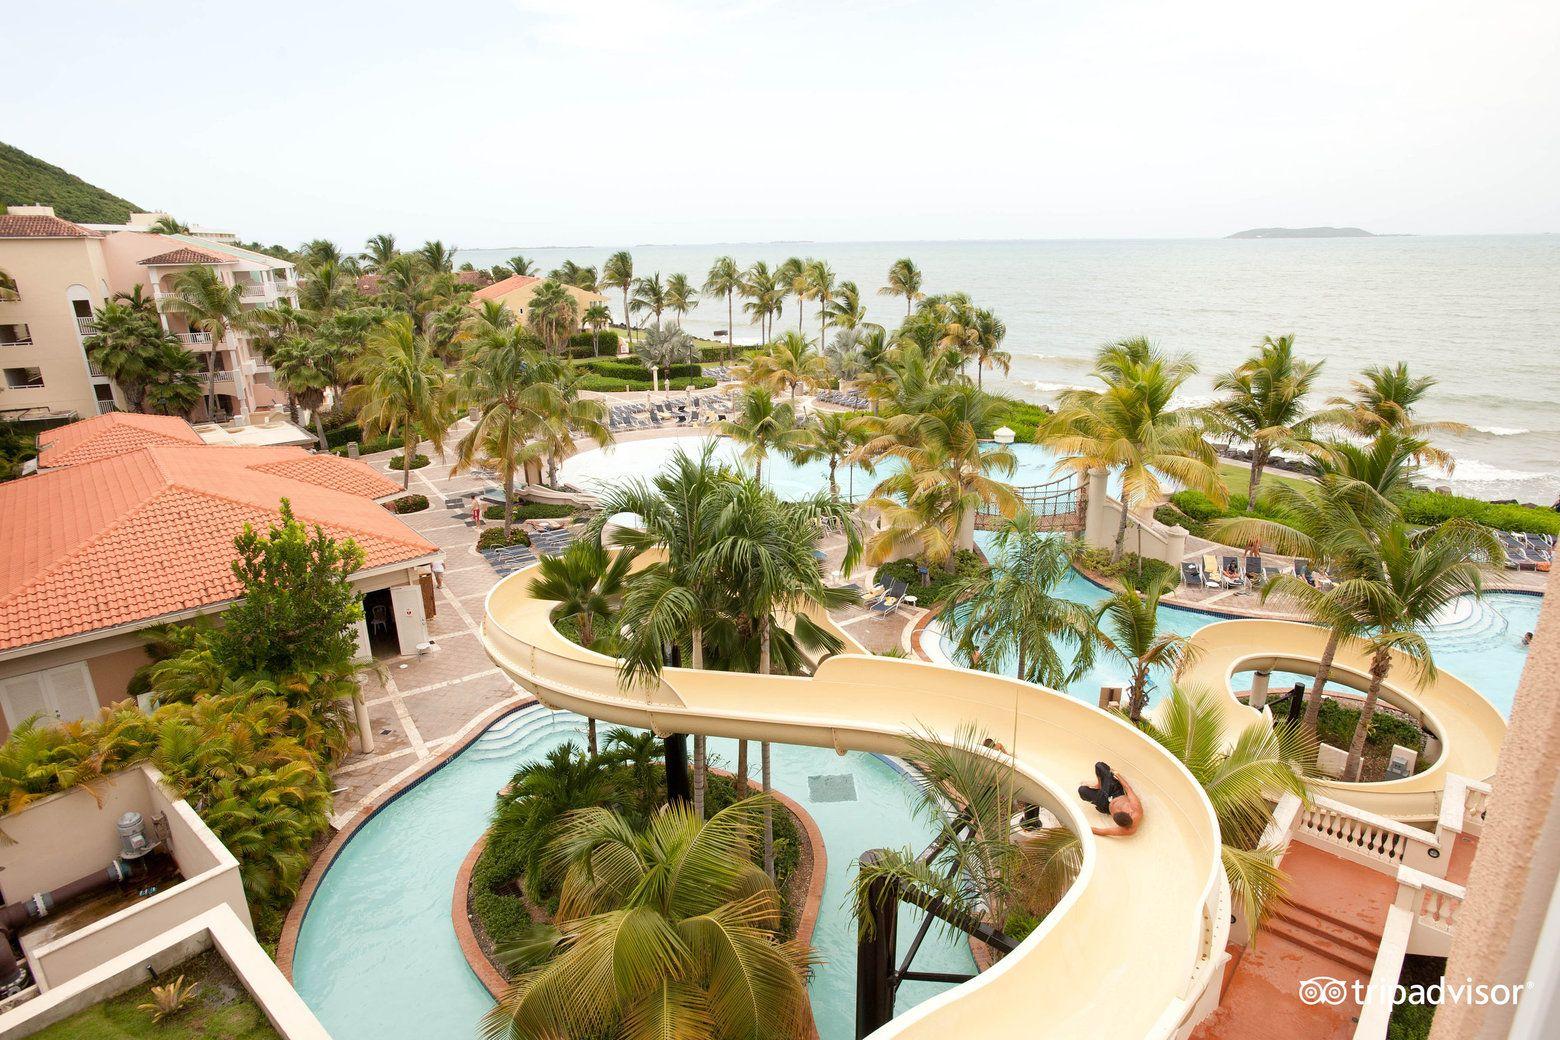 el conquistador resort a waldorf astoria resort puerto rico el conquistador resort a waldorf astoria resort puerto rico fajardo resort